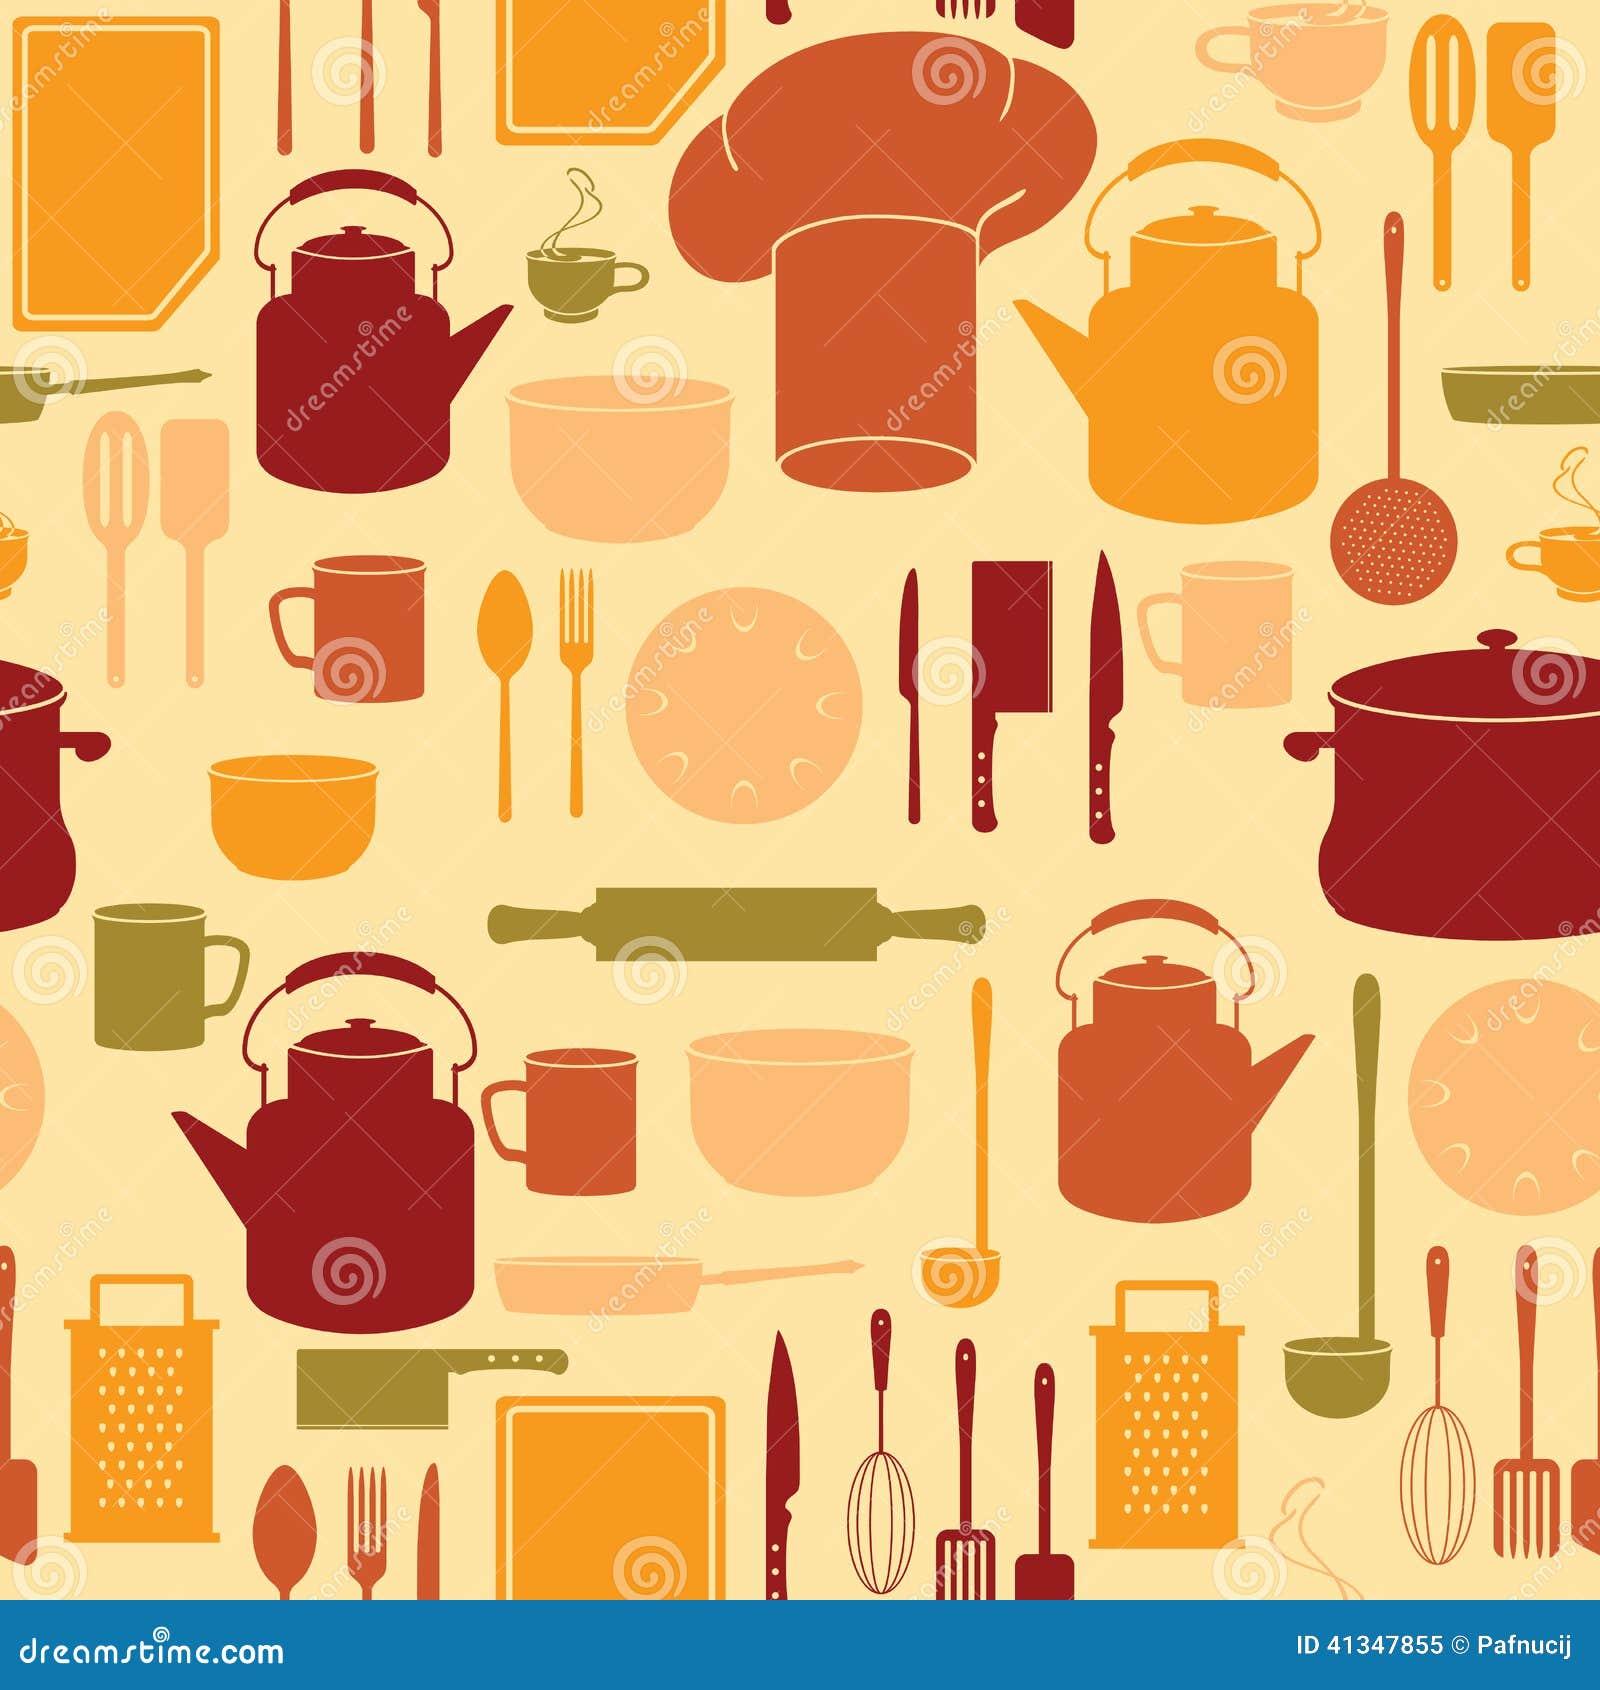 Kitchen Utensils Background: Kitchen Utensils In Seamless Background Stock Illustration